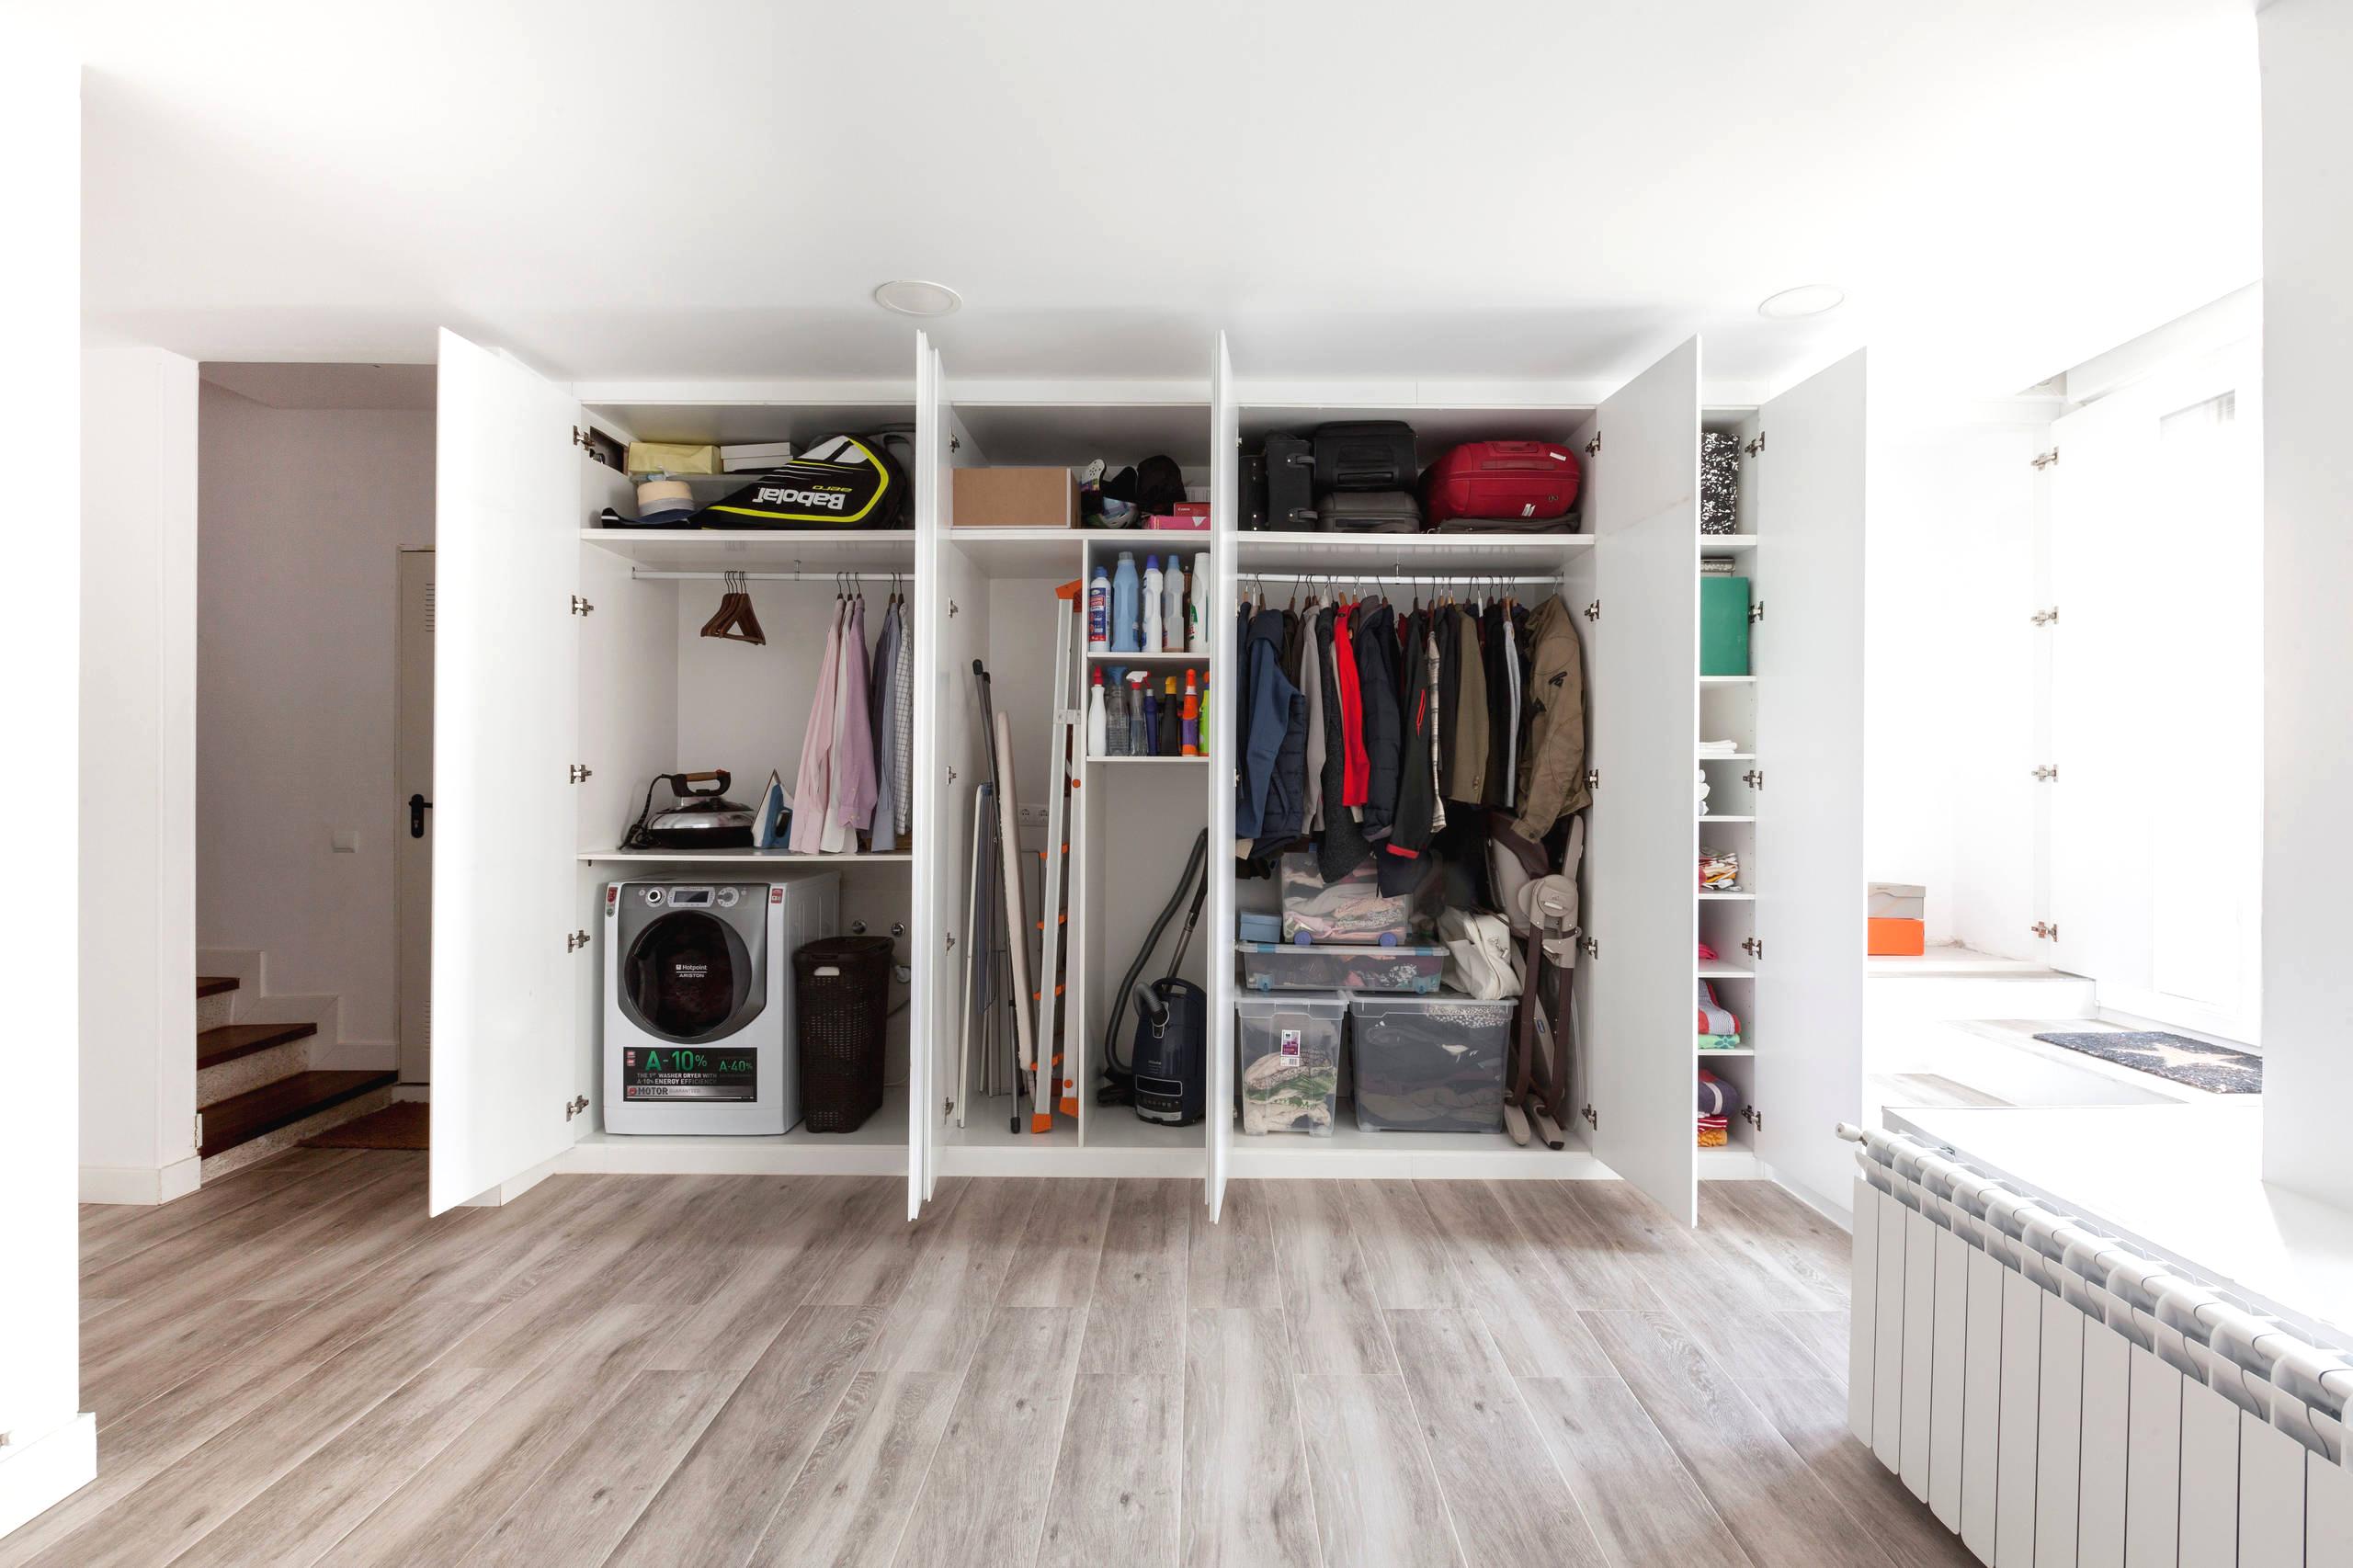 Une armoire coulissante est un lieu de rangement idéal pour les vêtements et les ustensiles ménagers.